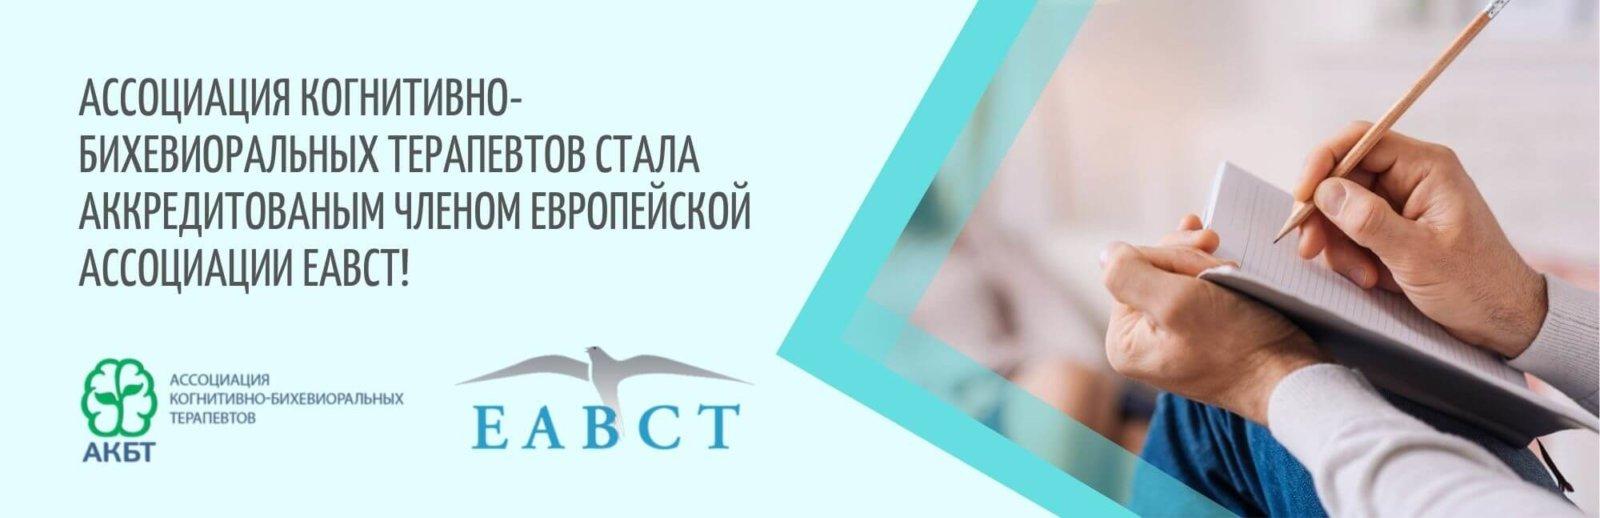 Ассоциация когнитивно-бихевиоральных терапевтов стала аккредитованым членом Европейской ассоциации ЕАВСТ (European Association for Behavioural and Cognitive Therapies)!